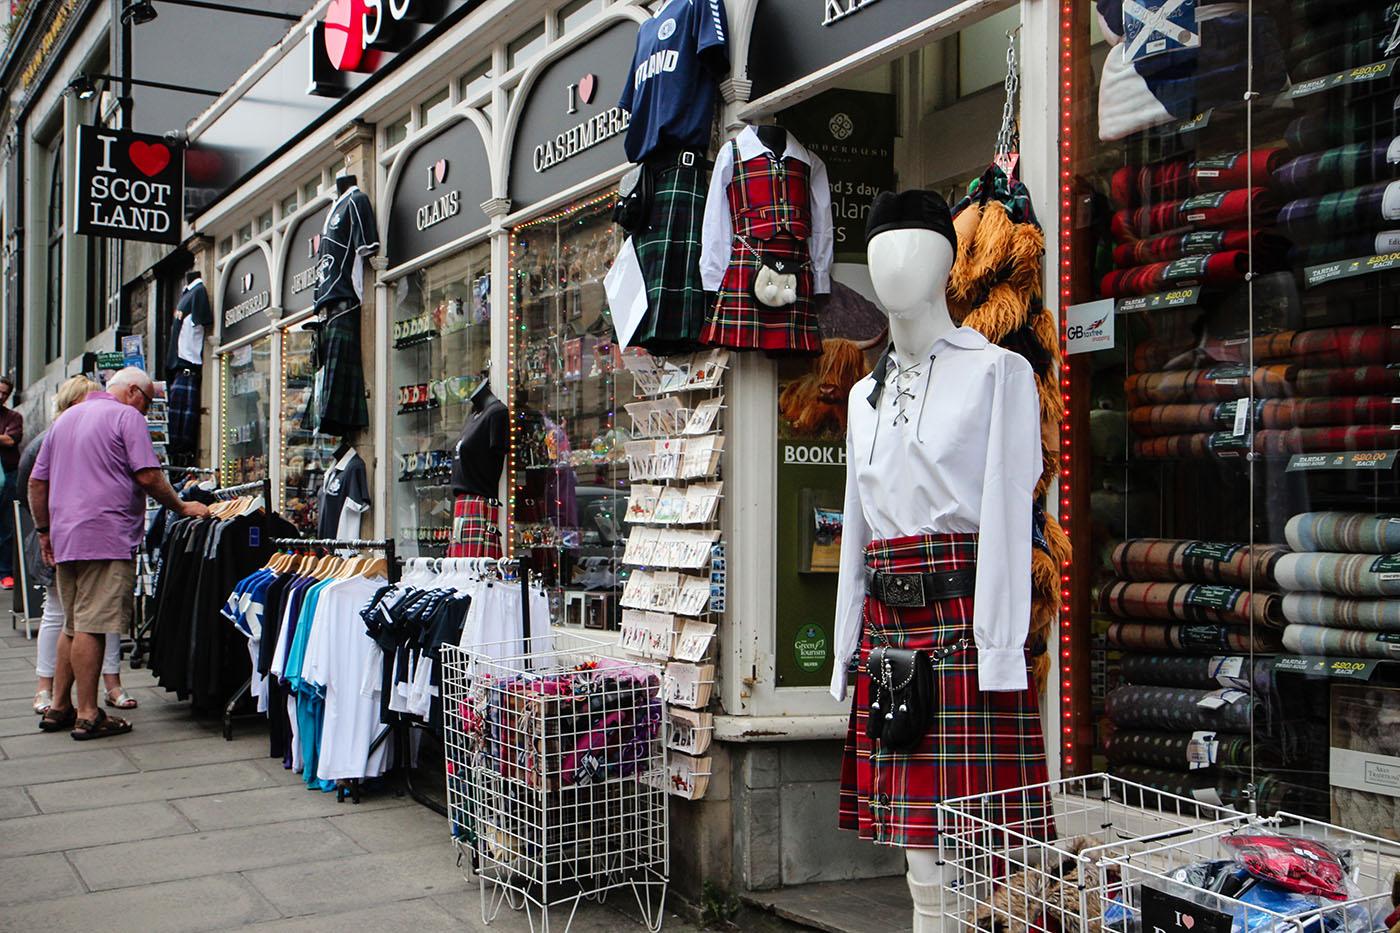 Dans le centre d'Edimbourg, les magasins de souvenirs remplacent peu à peu les commerces de proximité. (photo Julie Jeunejean/8e étage)